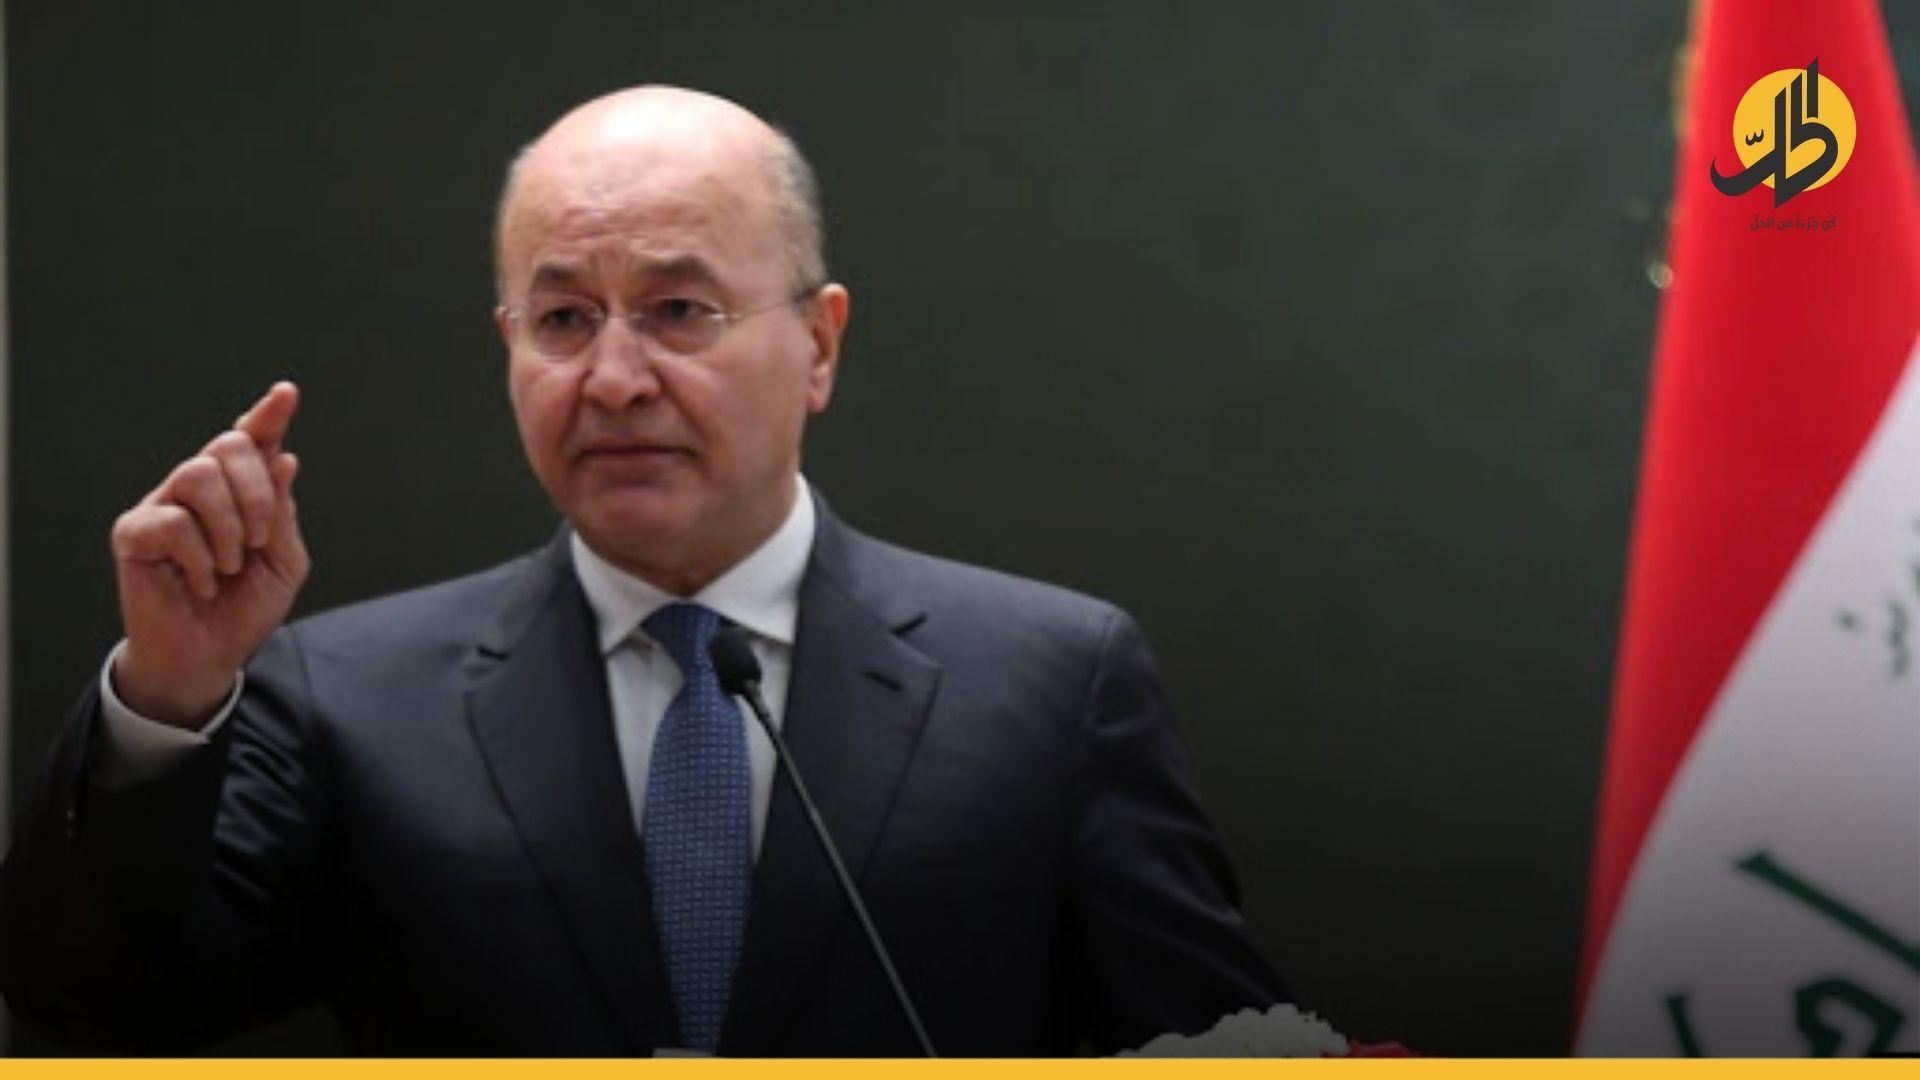 الرئيس العراقي لتركيا: اسحَبوا قواتكم من أراضينا